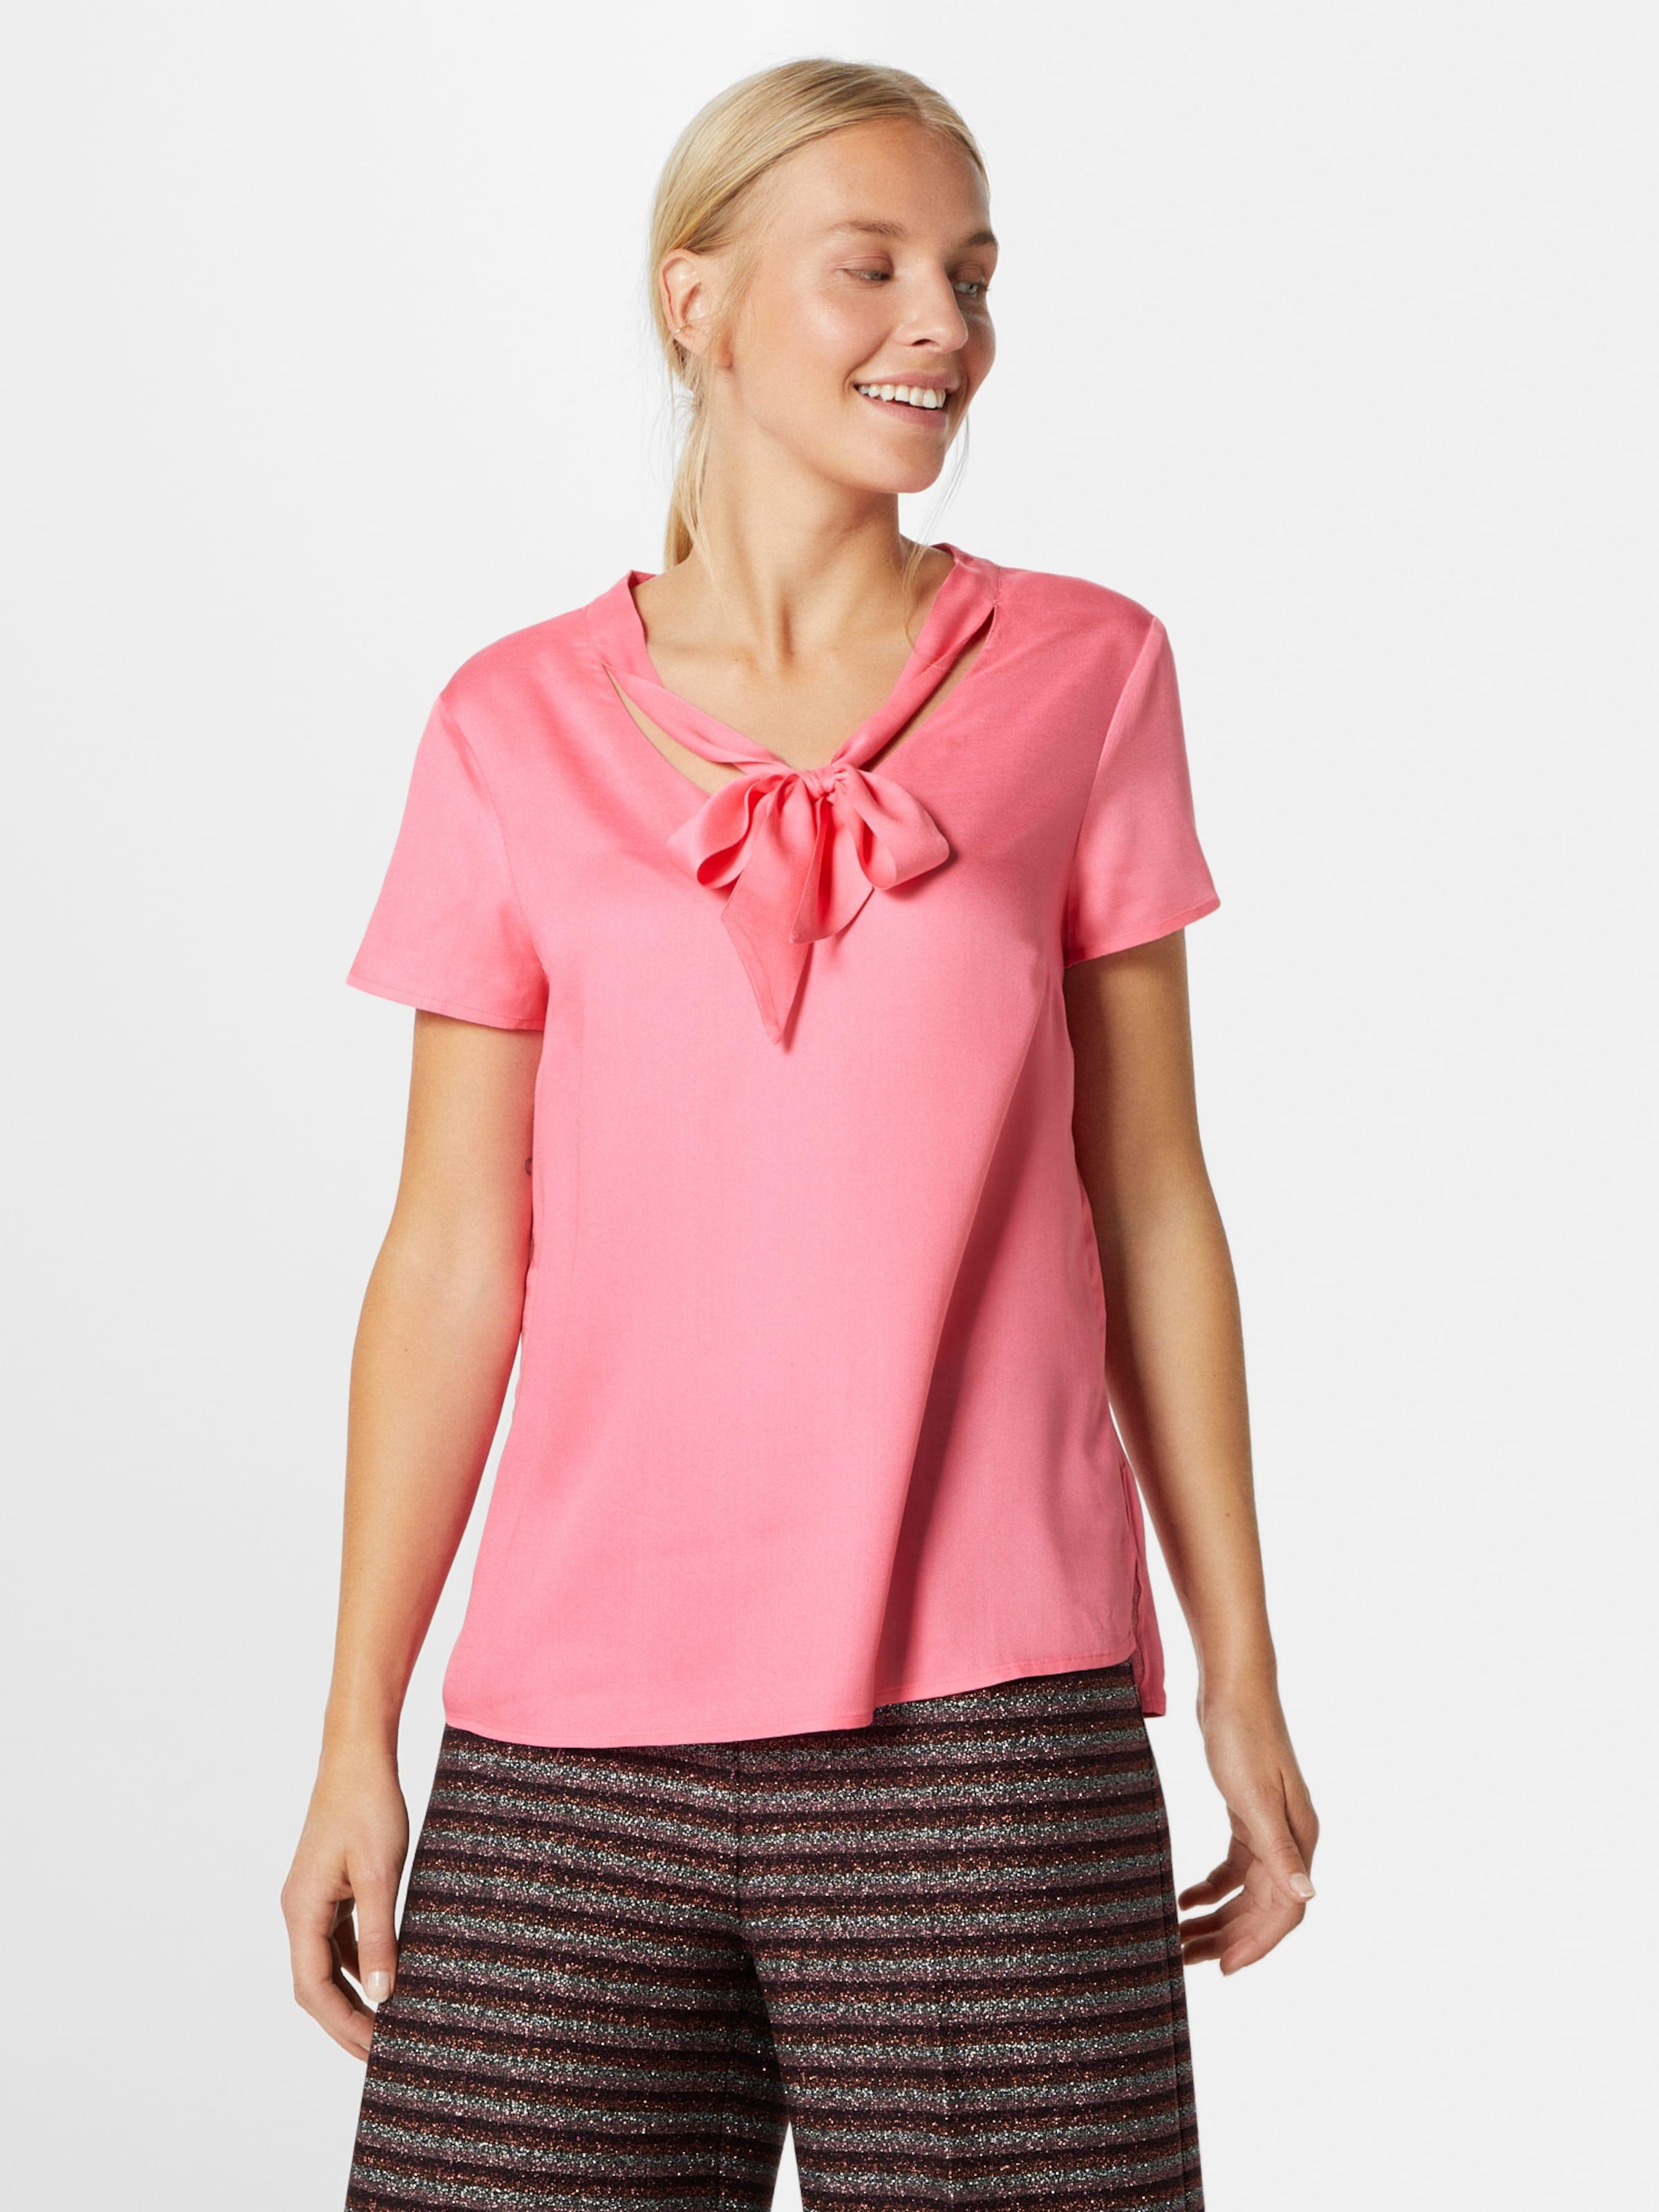 Bluse In Pink oliver Black S Label TlFKc1u3J